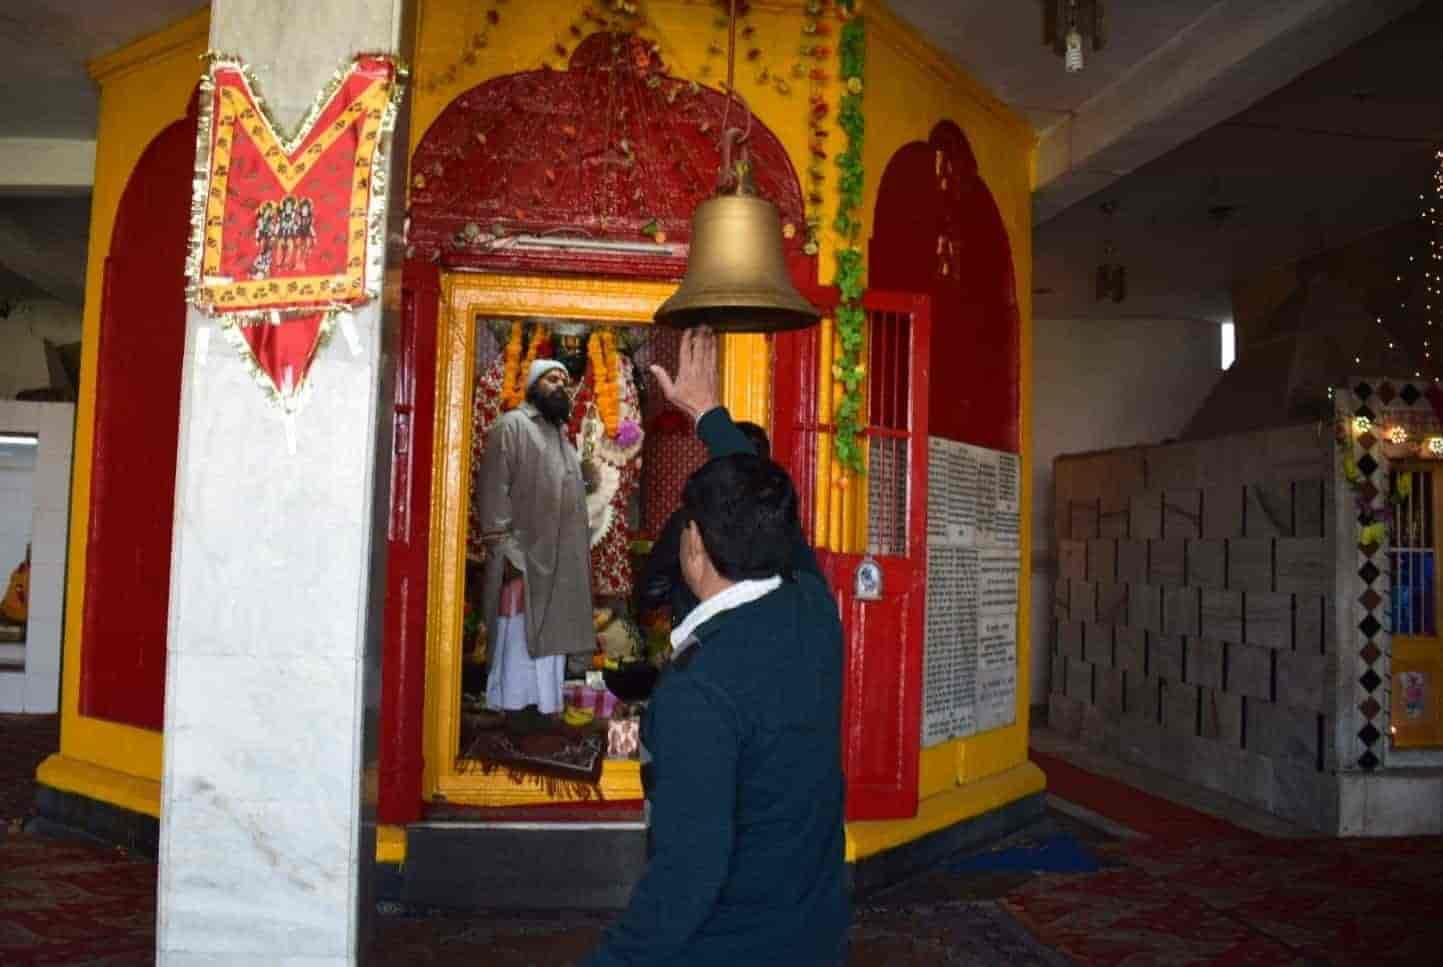 diwali in kashmir - hanuman temple